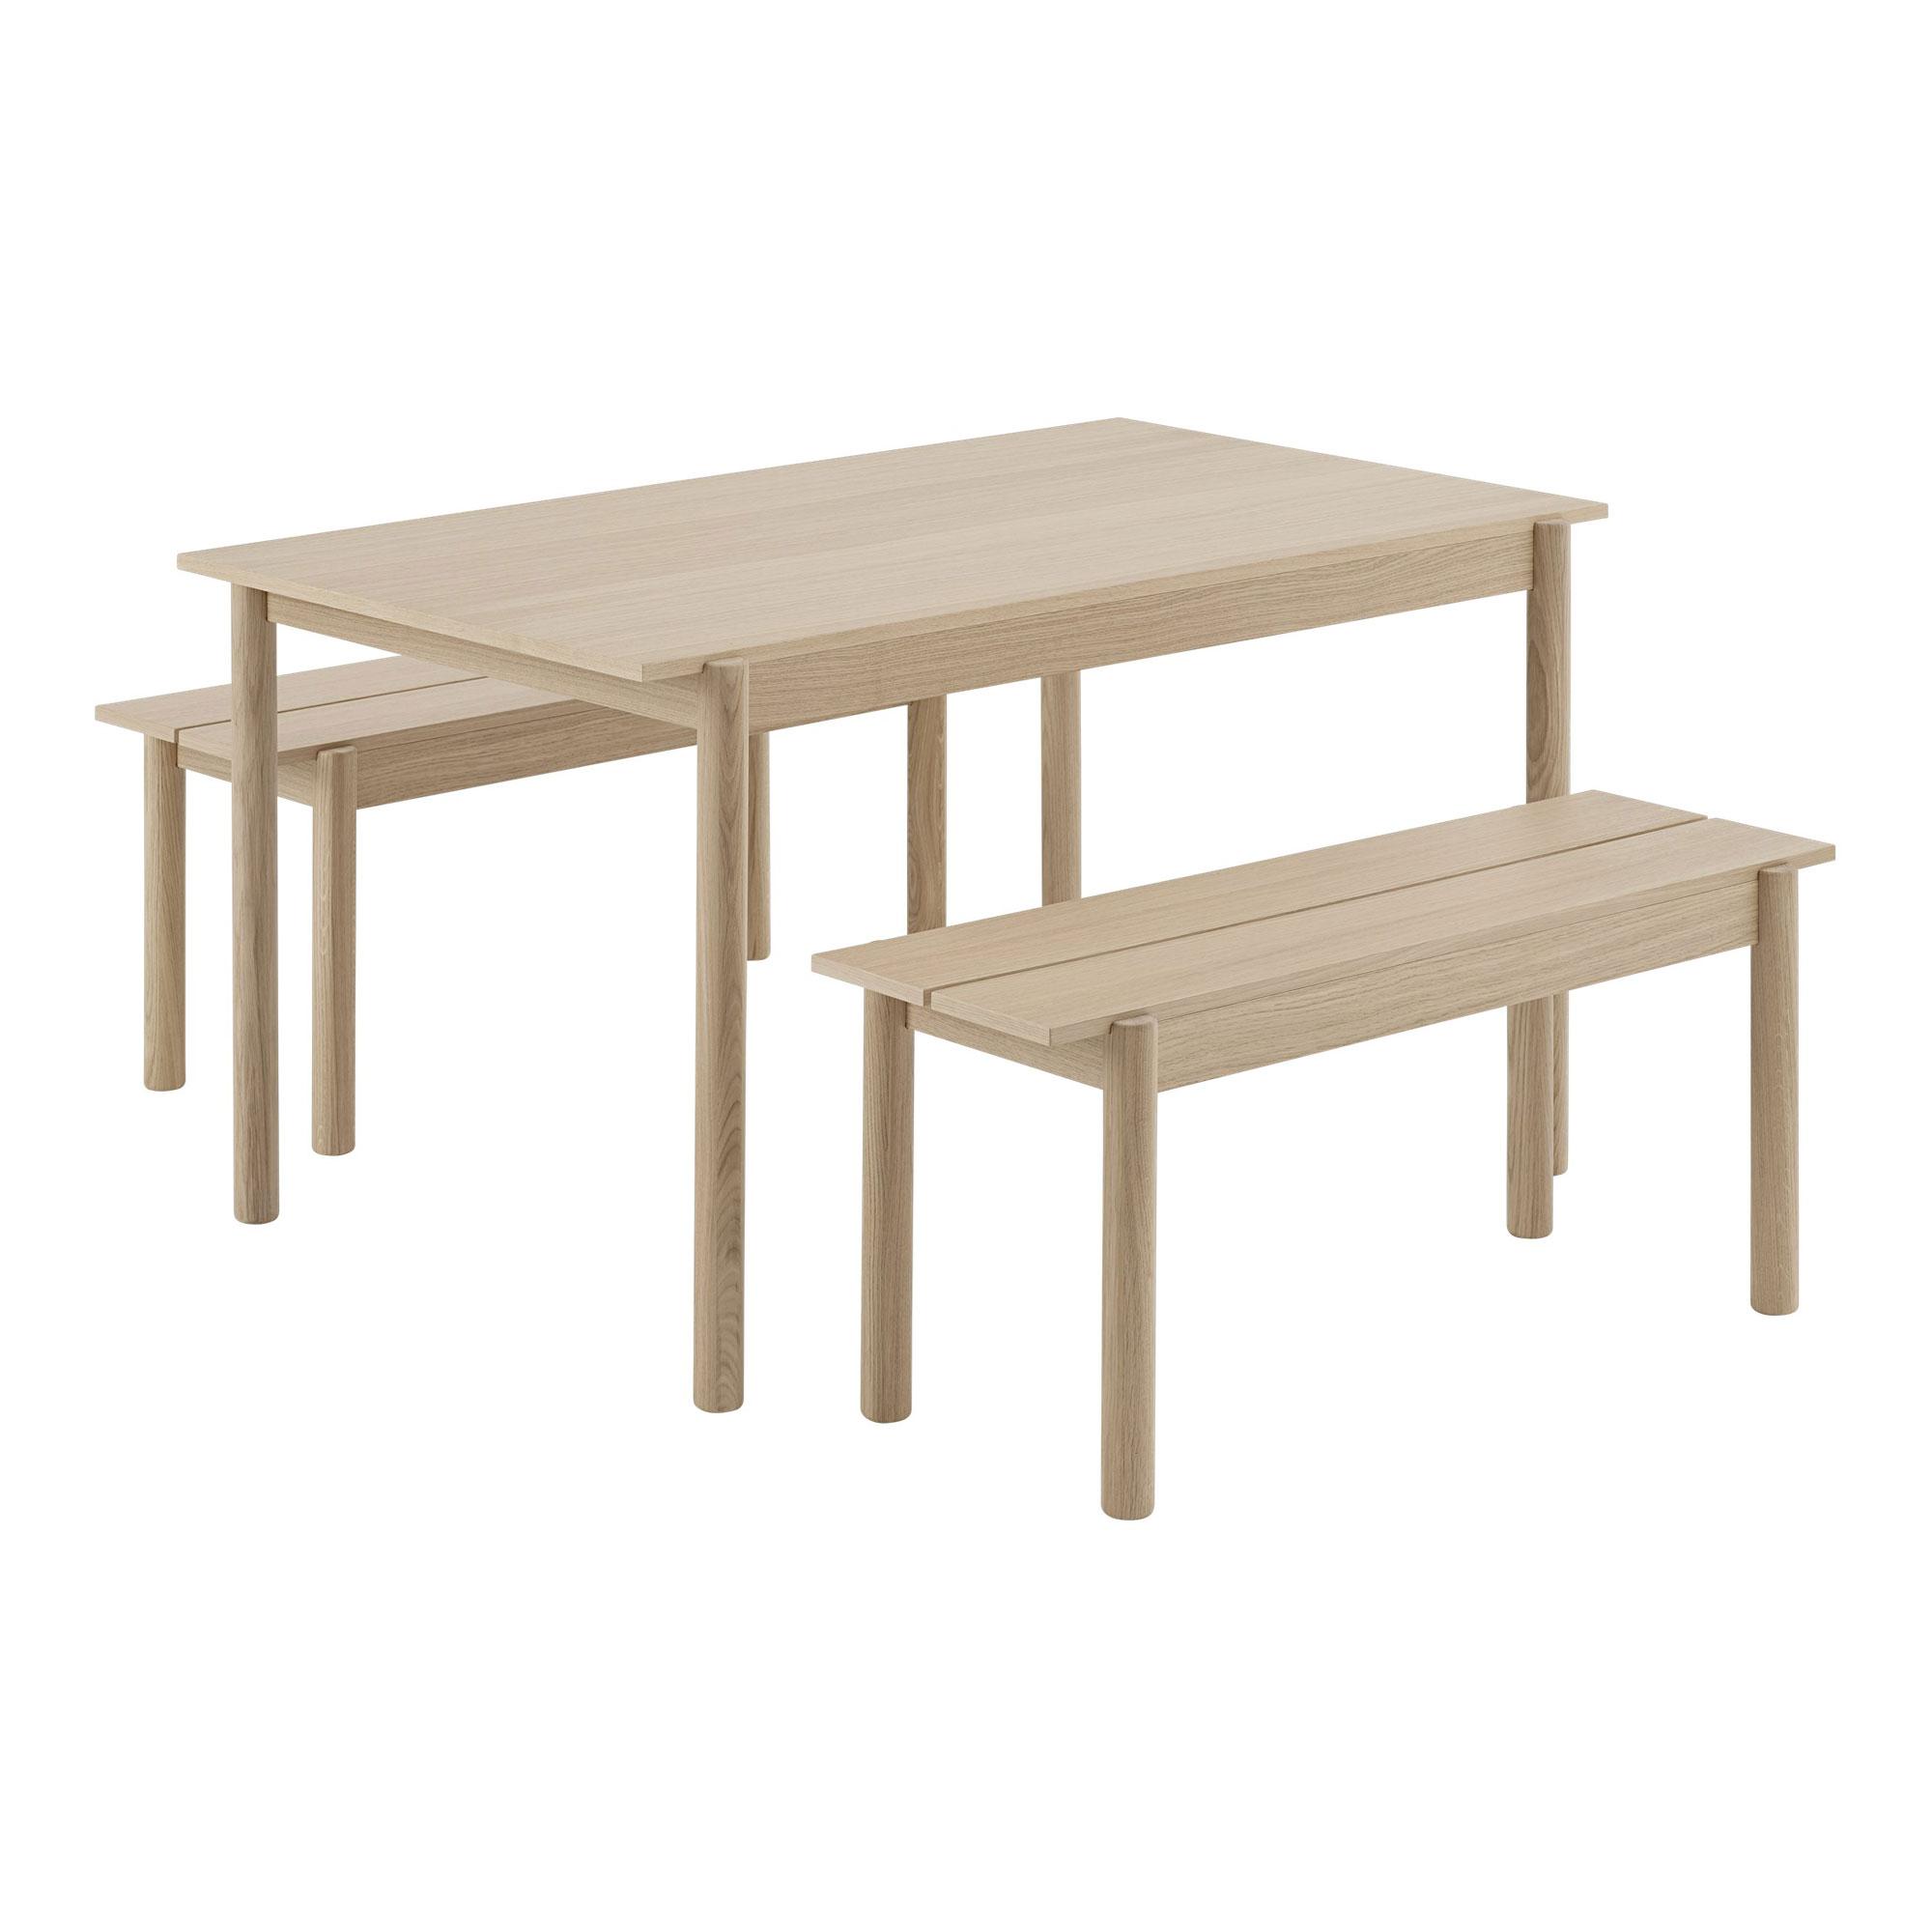 Toppen Linear Wood Table 140 cm Matbord   Muuto   Länna Möbler   Handla KS-12